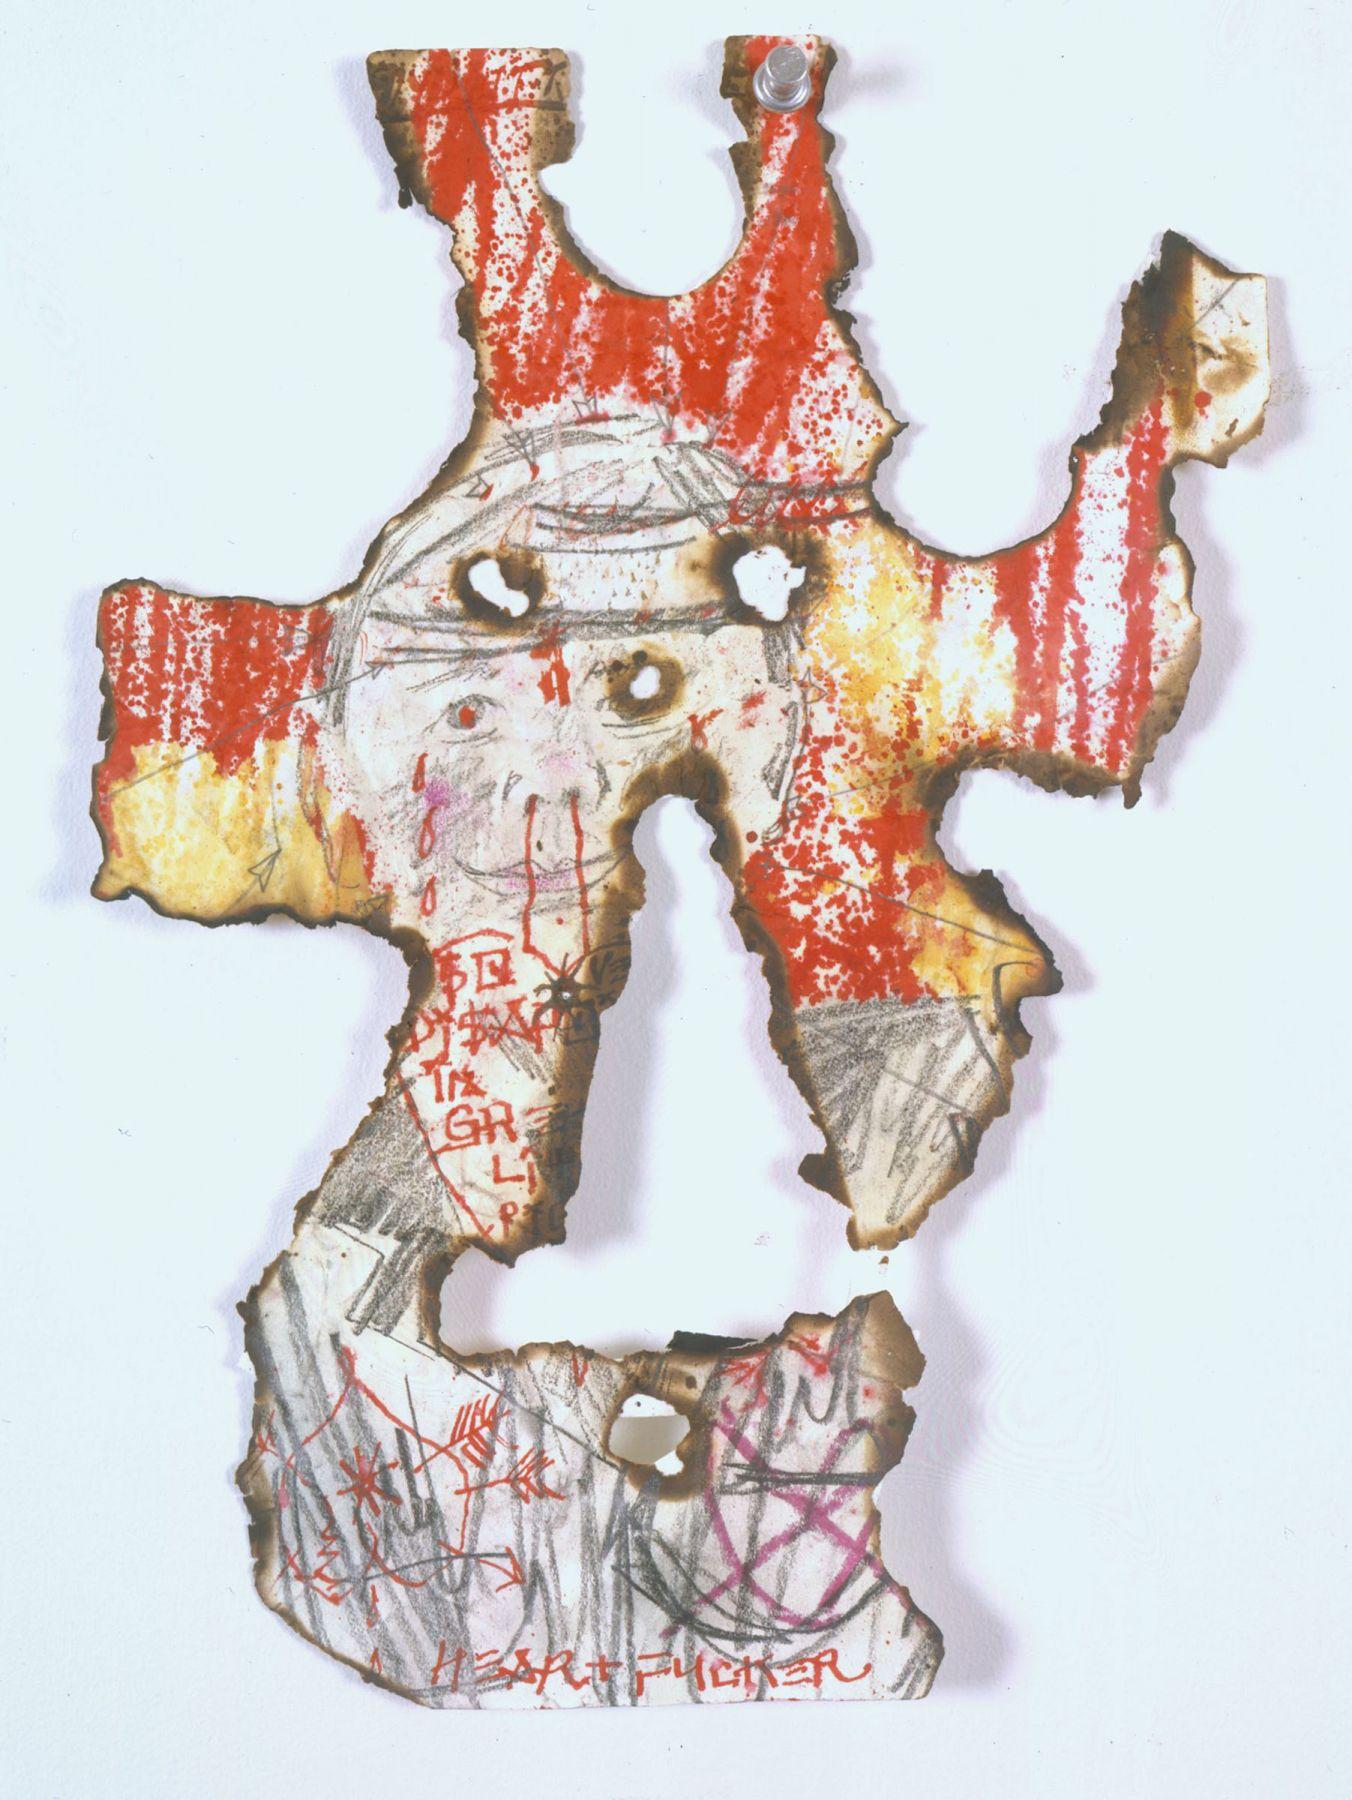 Barnaby Furnas, Heart Fucker (Effigy II- XIII), 2006